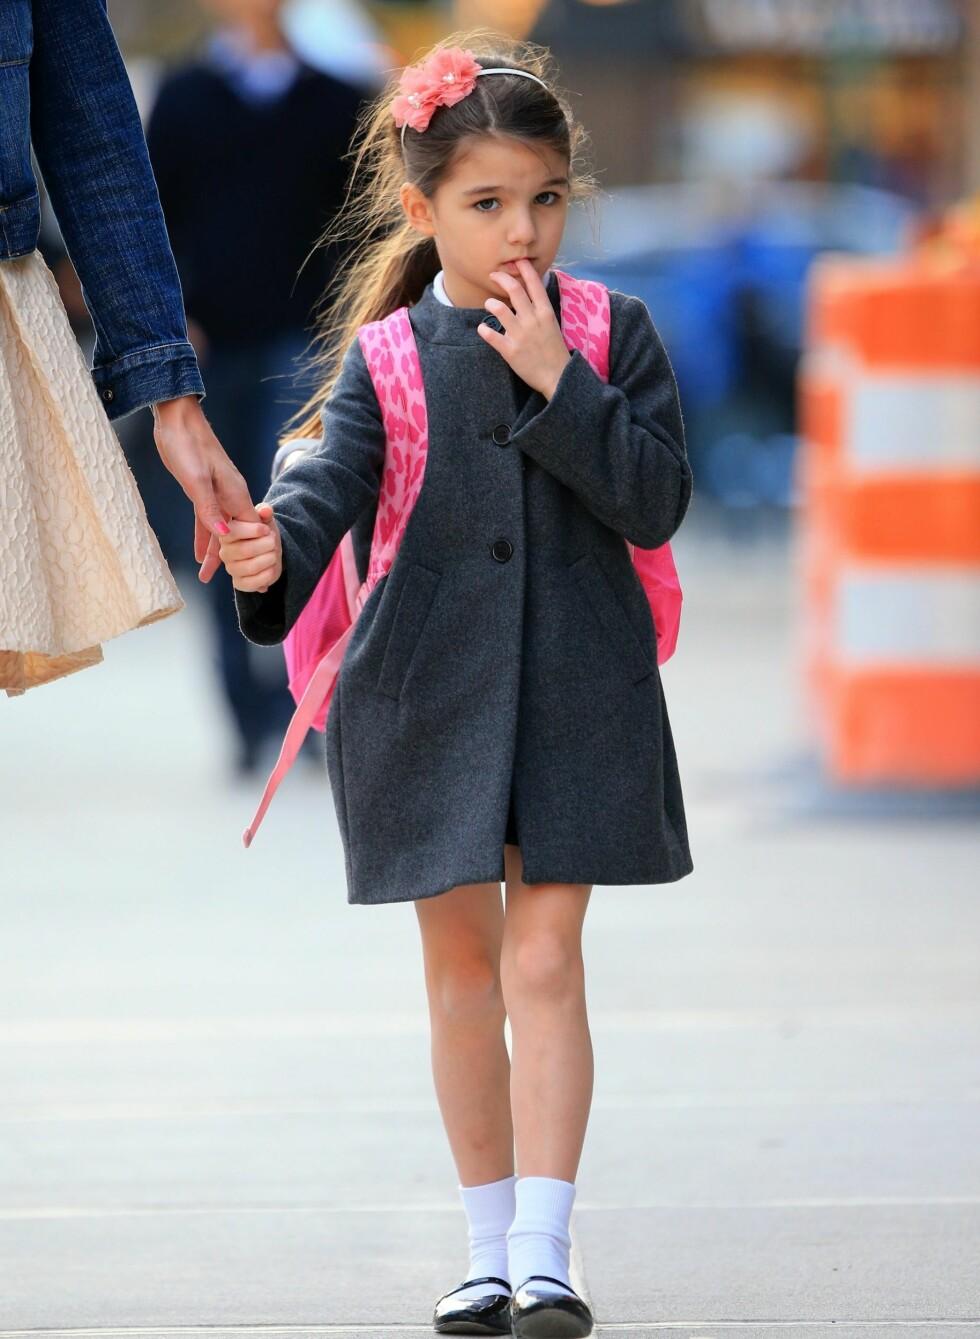 NYLIG: Suri Cruise går hjem fra skolen i New York. En liten Gossip Girl. Foto: All Over Press